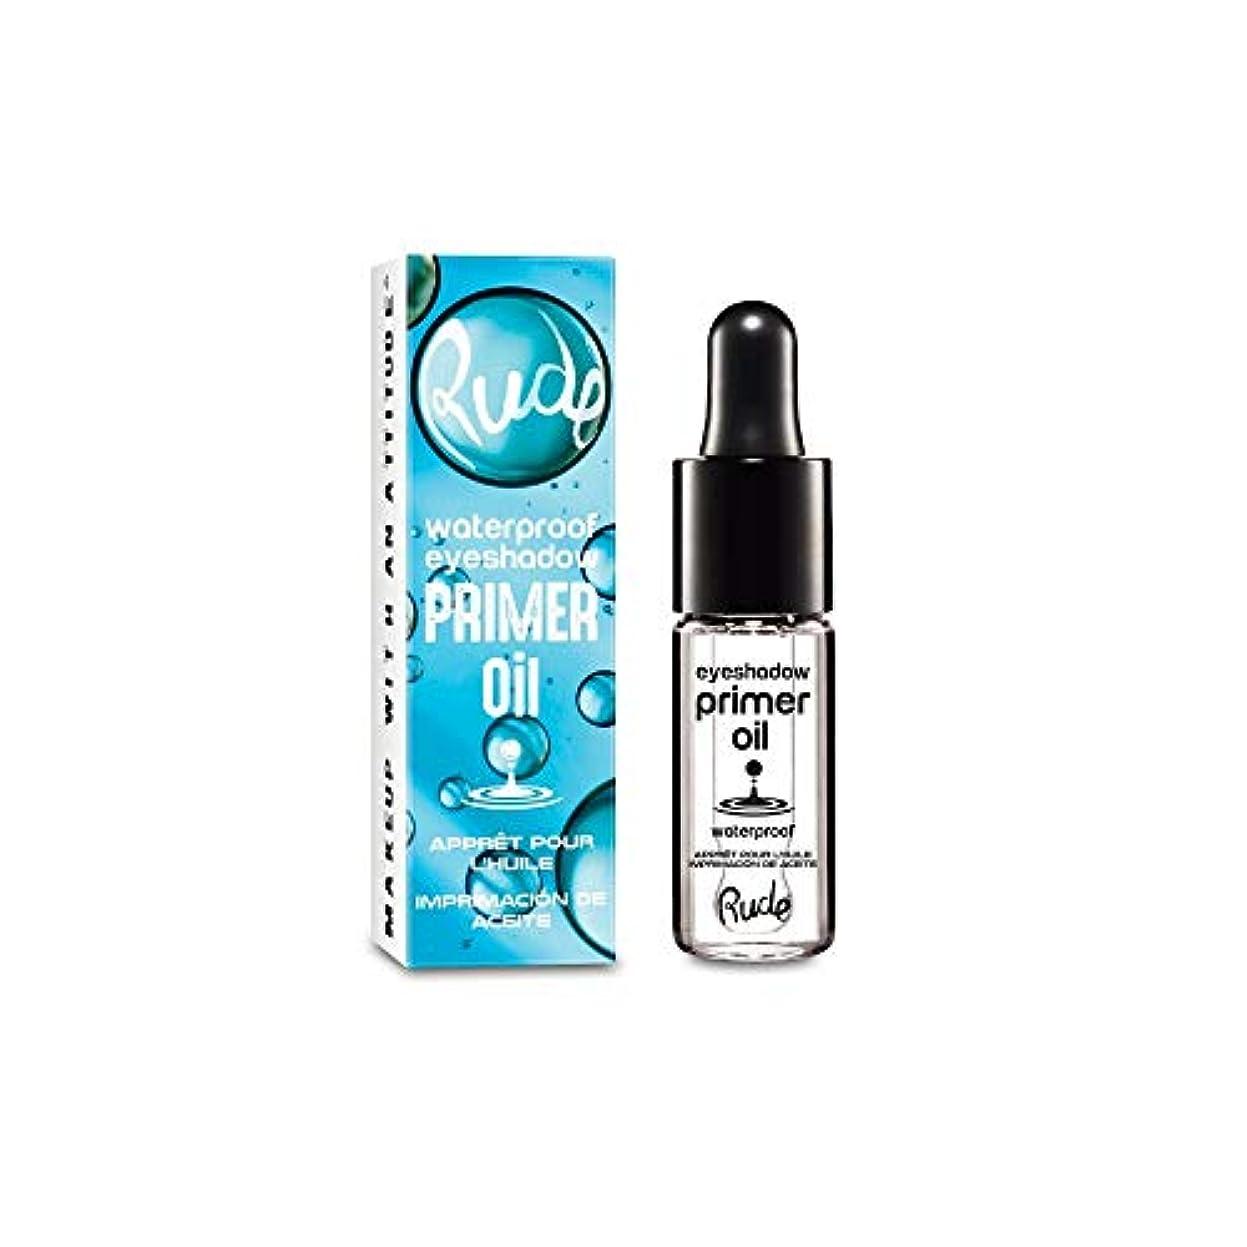 インフルエンザ超高層ビル怠な(6 Pack) RUDE Waterproof Eyeshadow Primer Oil (並行輸入品)